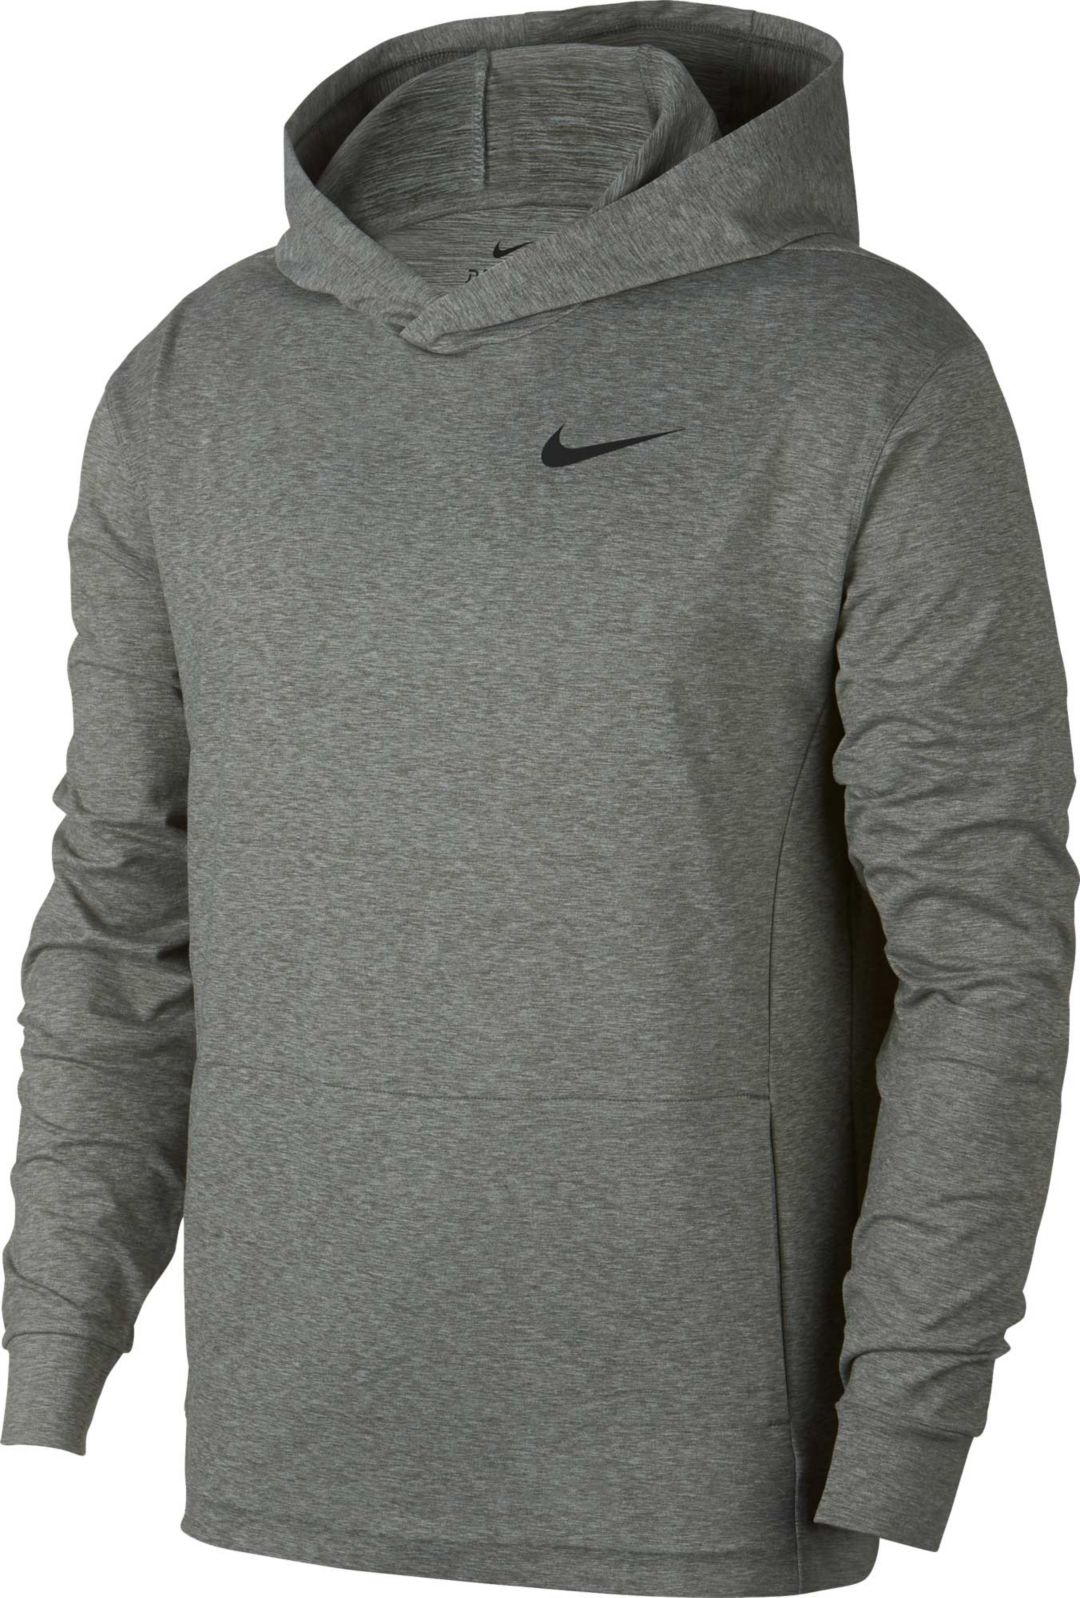 Nike Men's Dry Full Zip Training Hoodie XL Black Hooded Sweatshirt